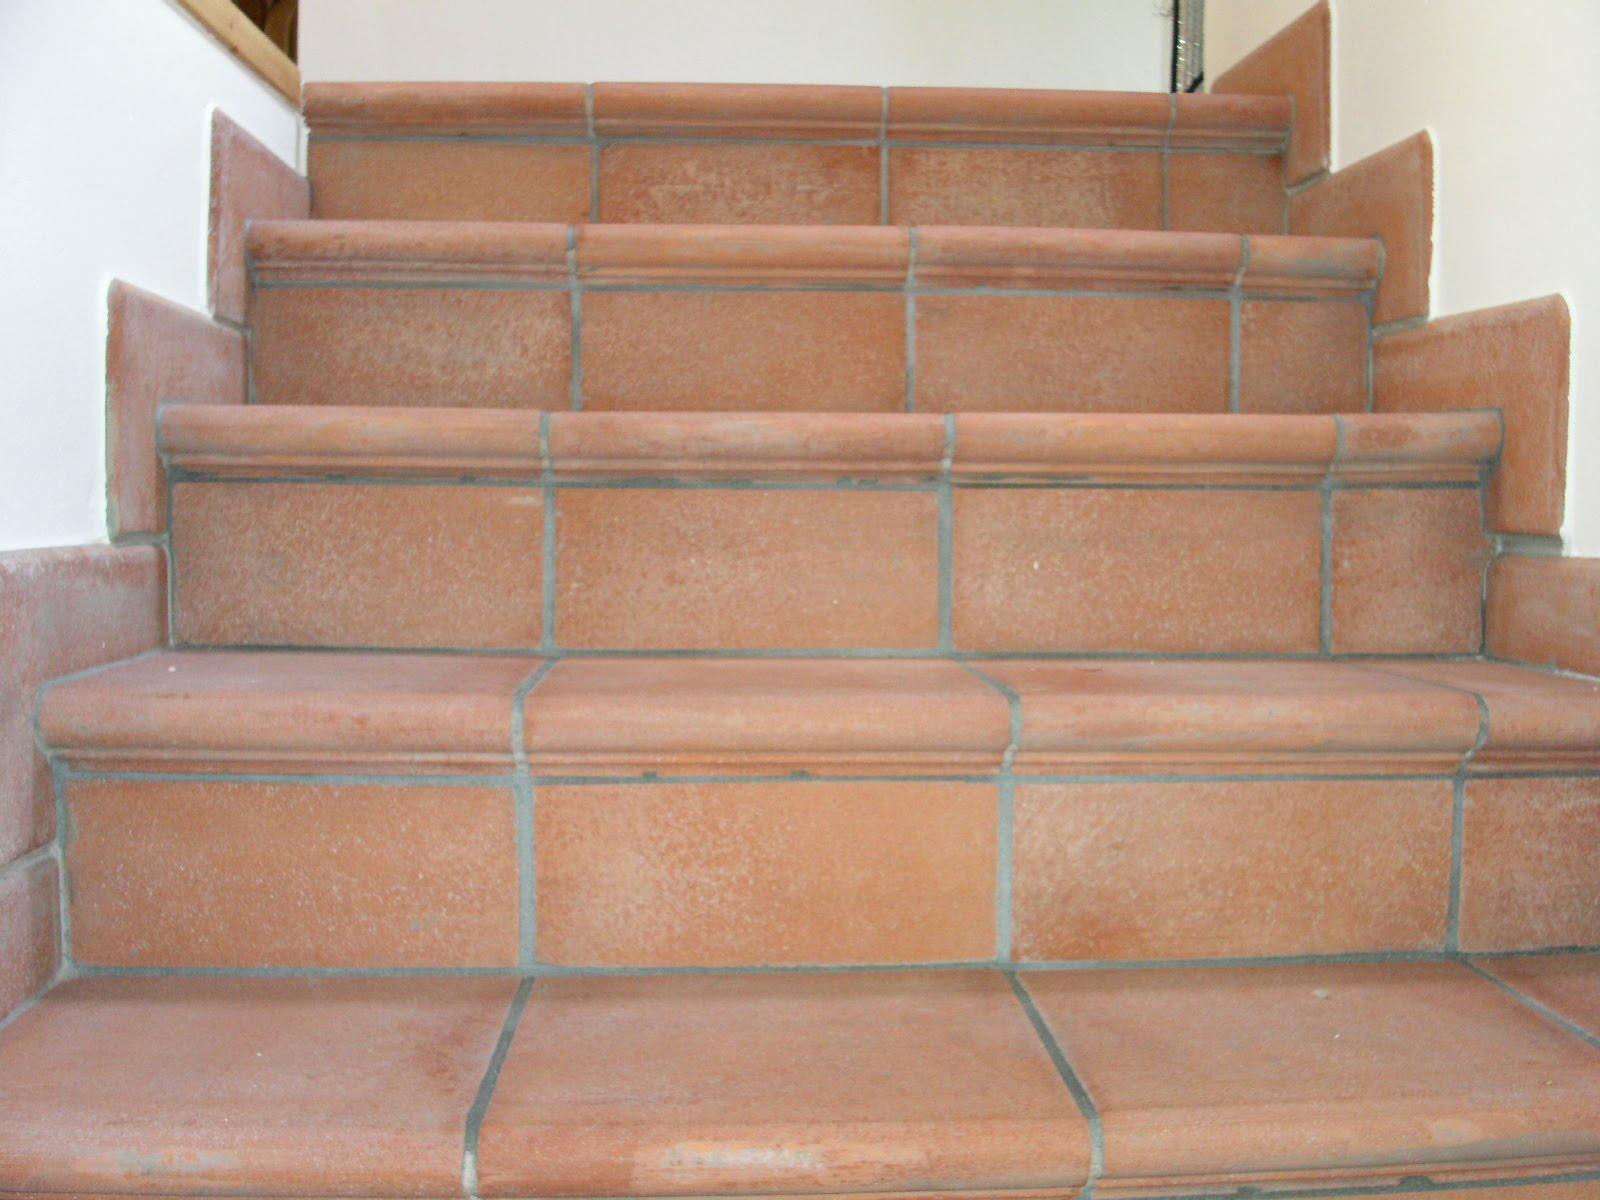 Fratelli bigucci pavimenti in cotto e scale for Pavimenti per scale esterne